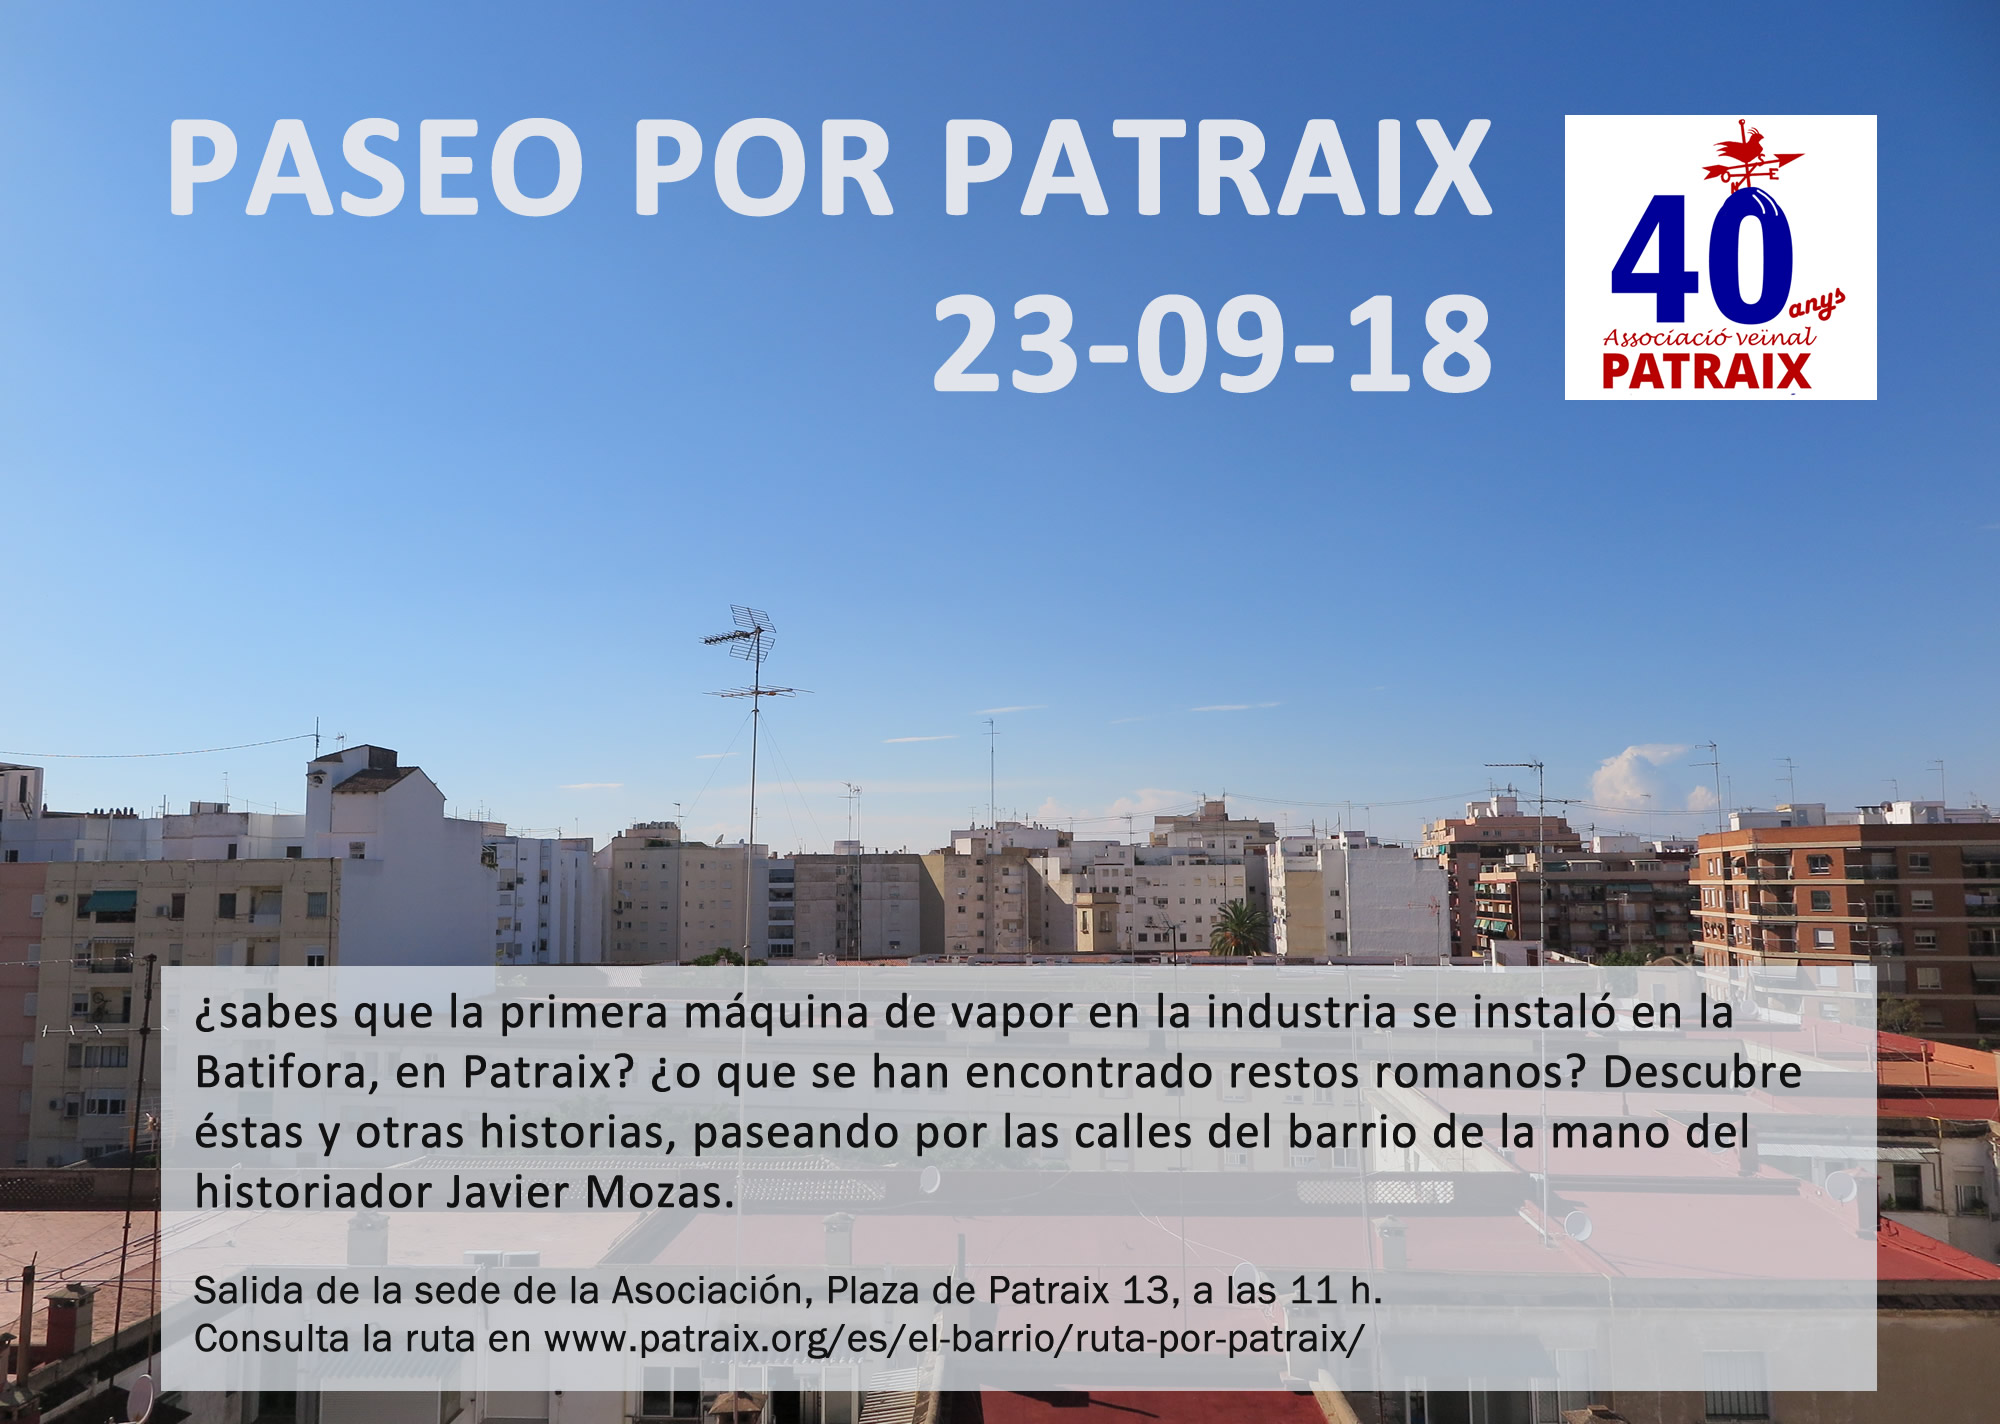 Paseo por Patraix 23/09/18